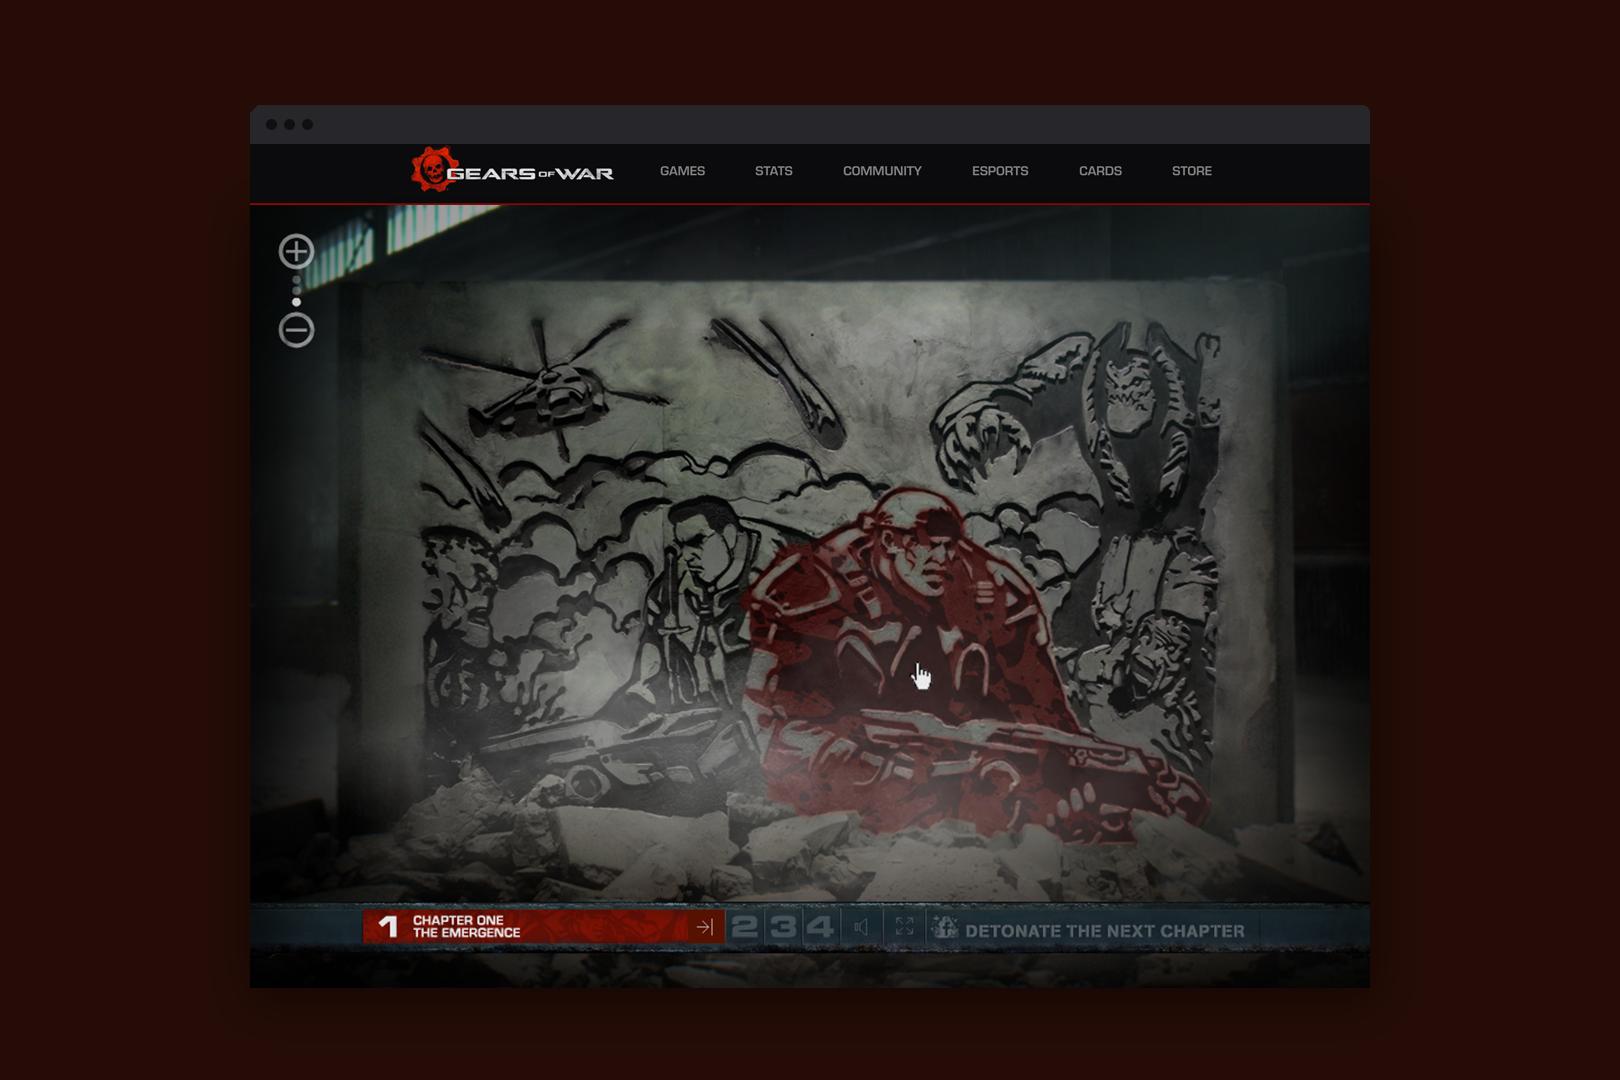 Gears_Screens_5.png